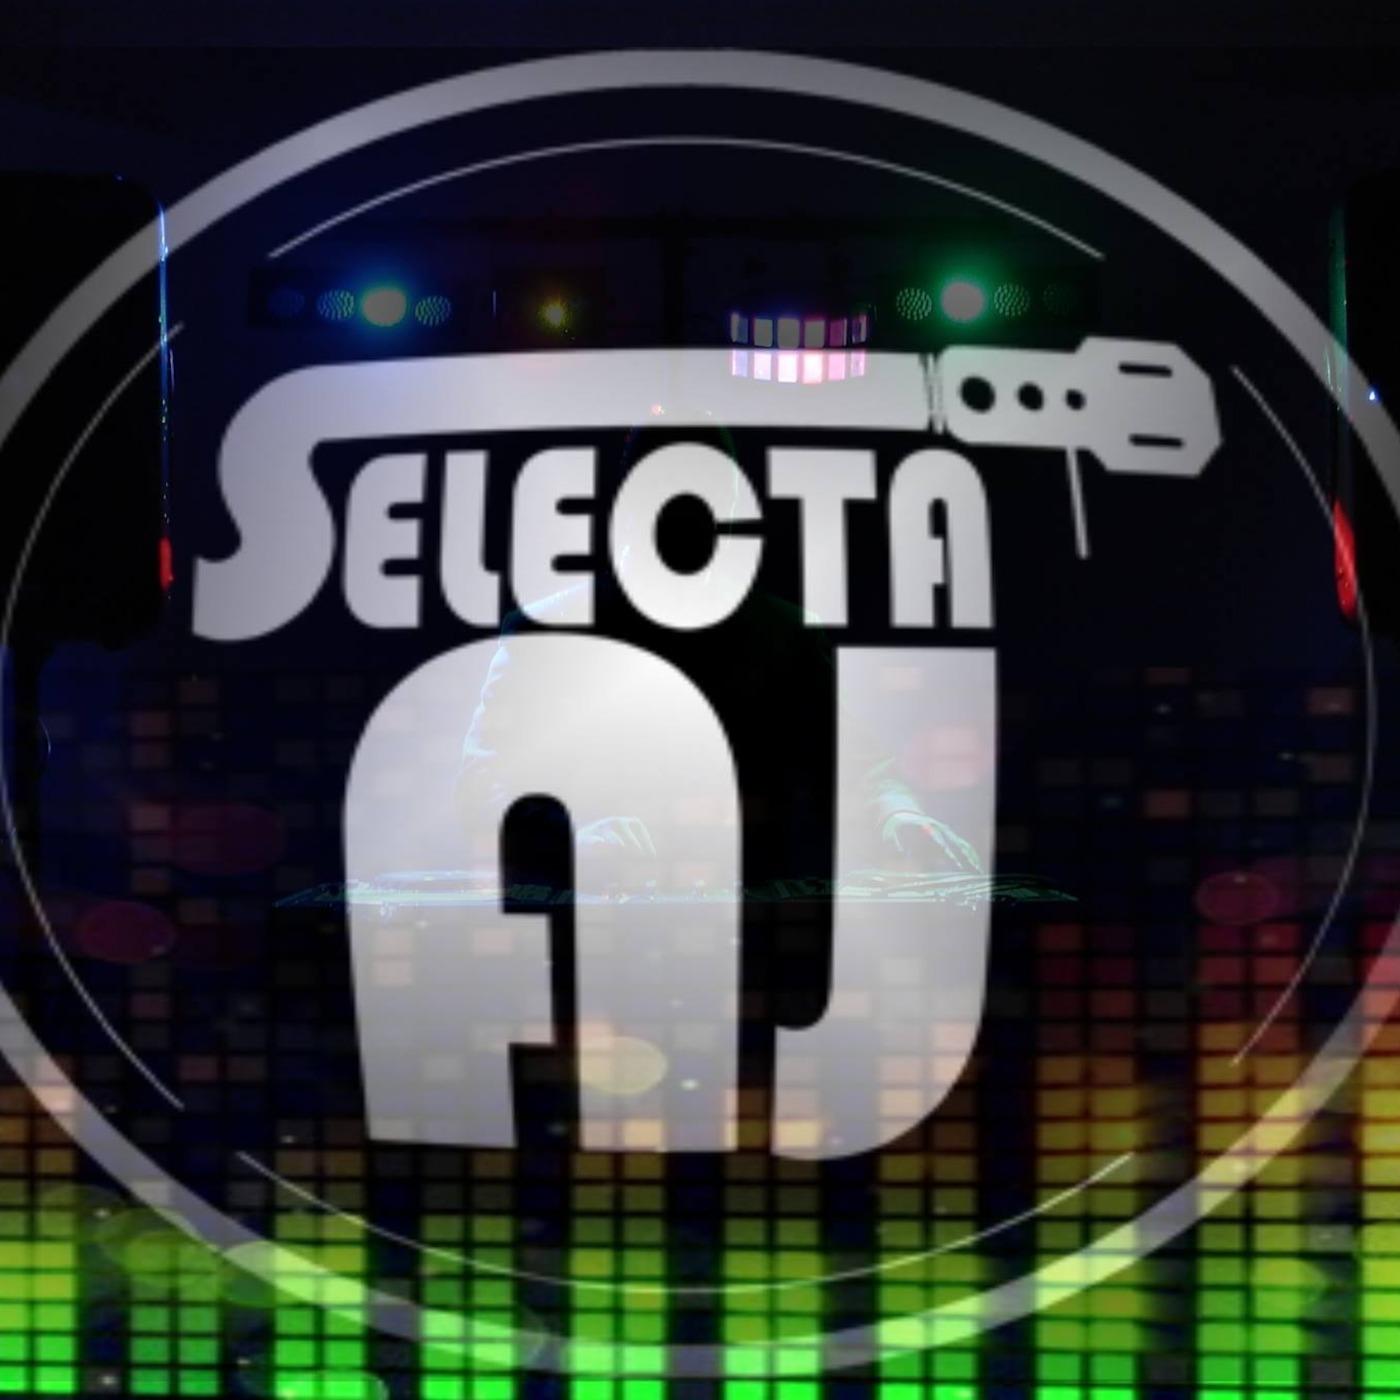 Selecta AJ Mixtapes